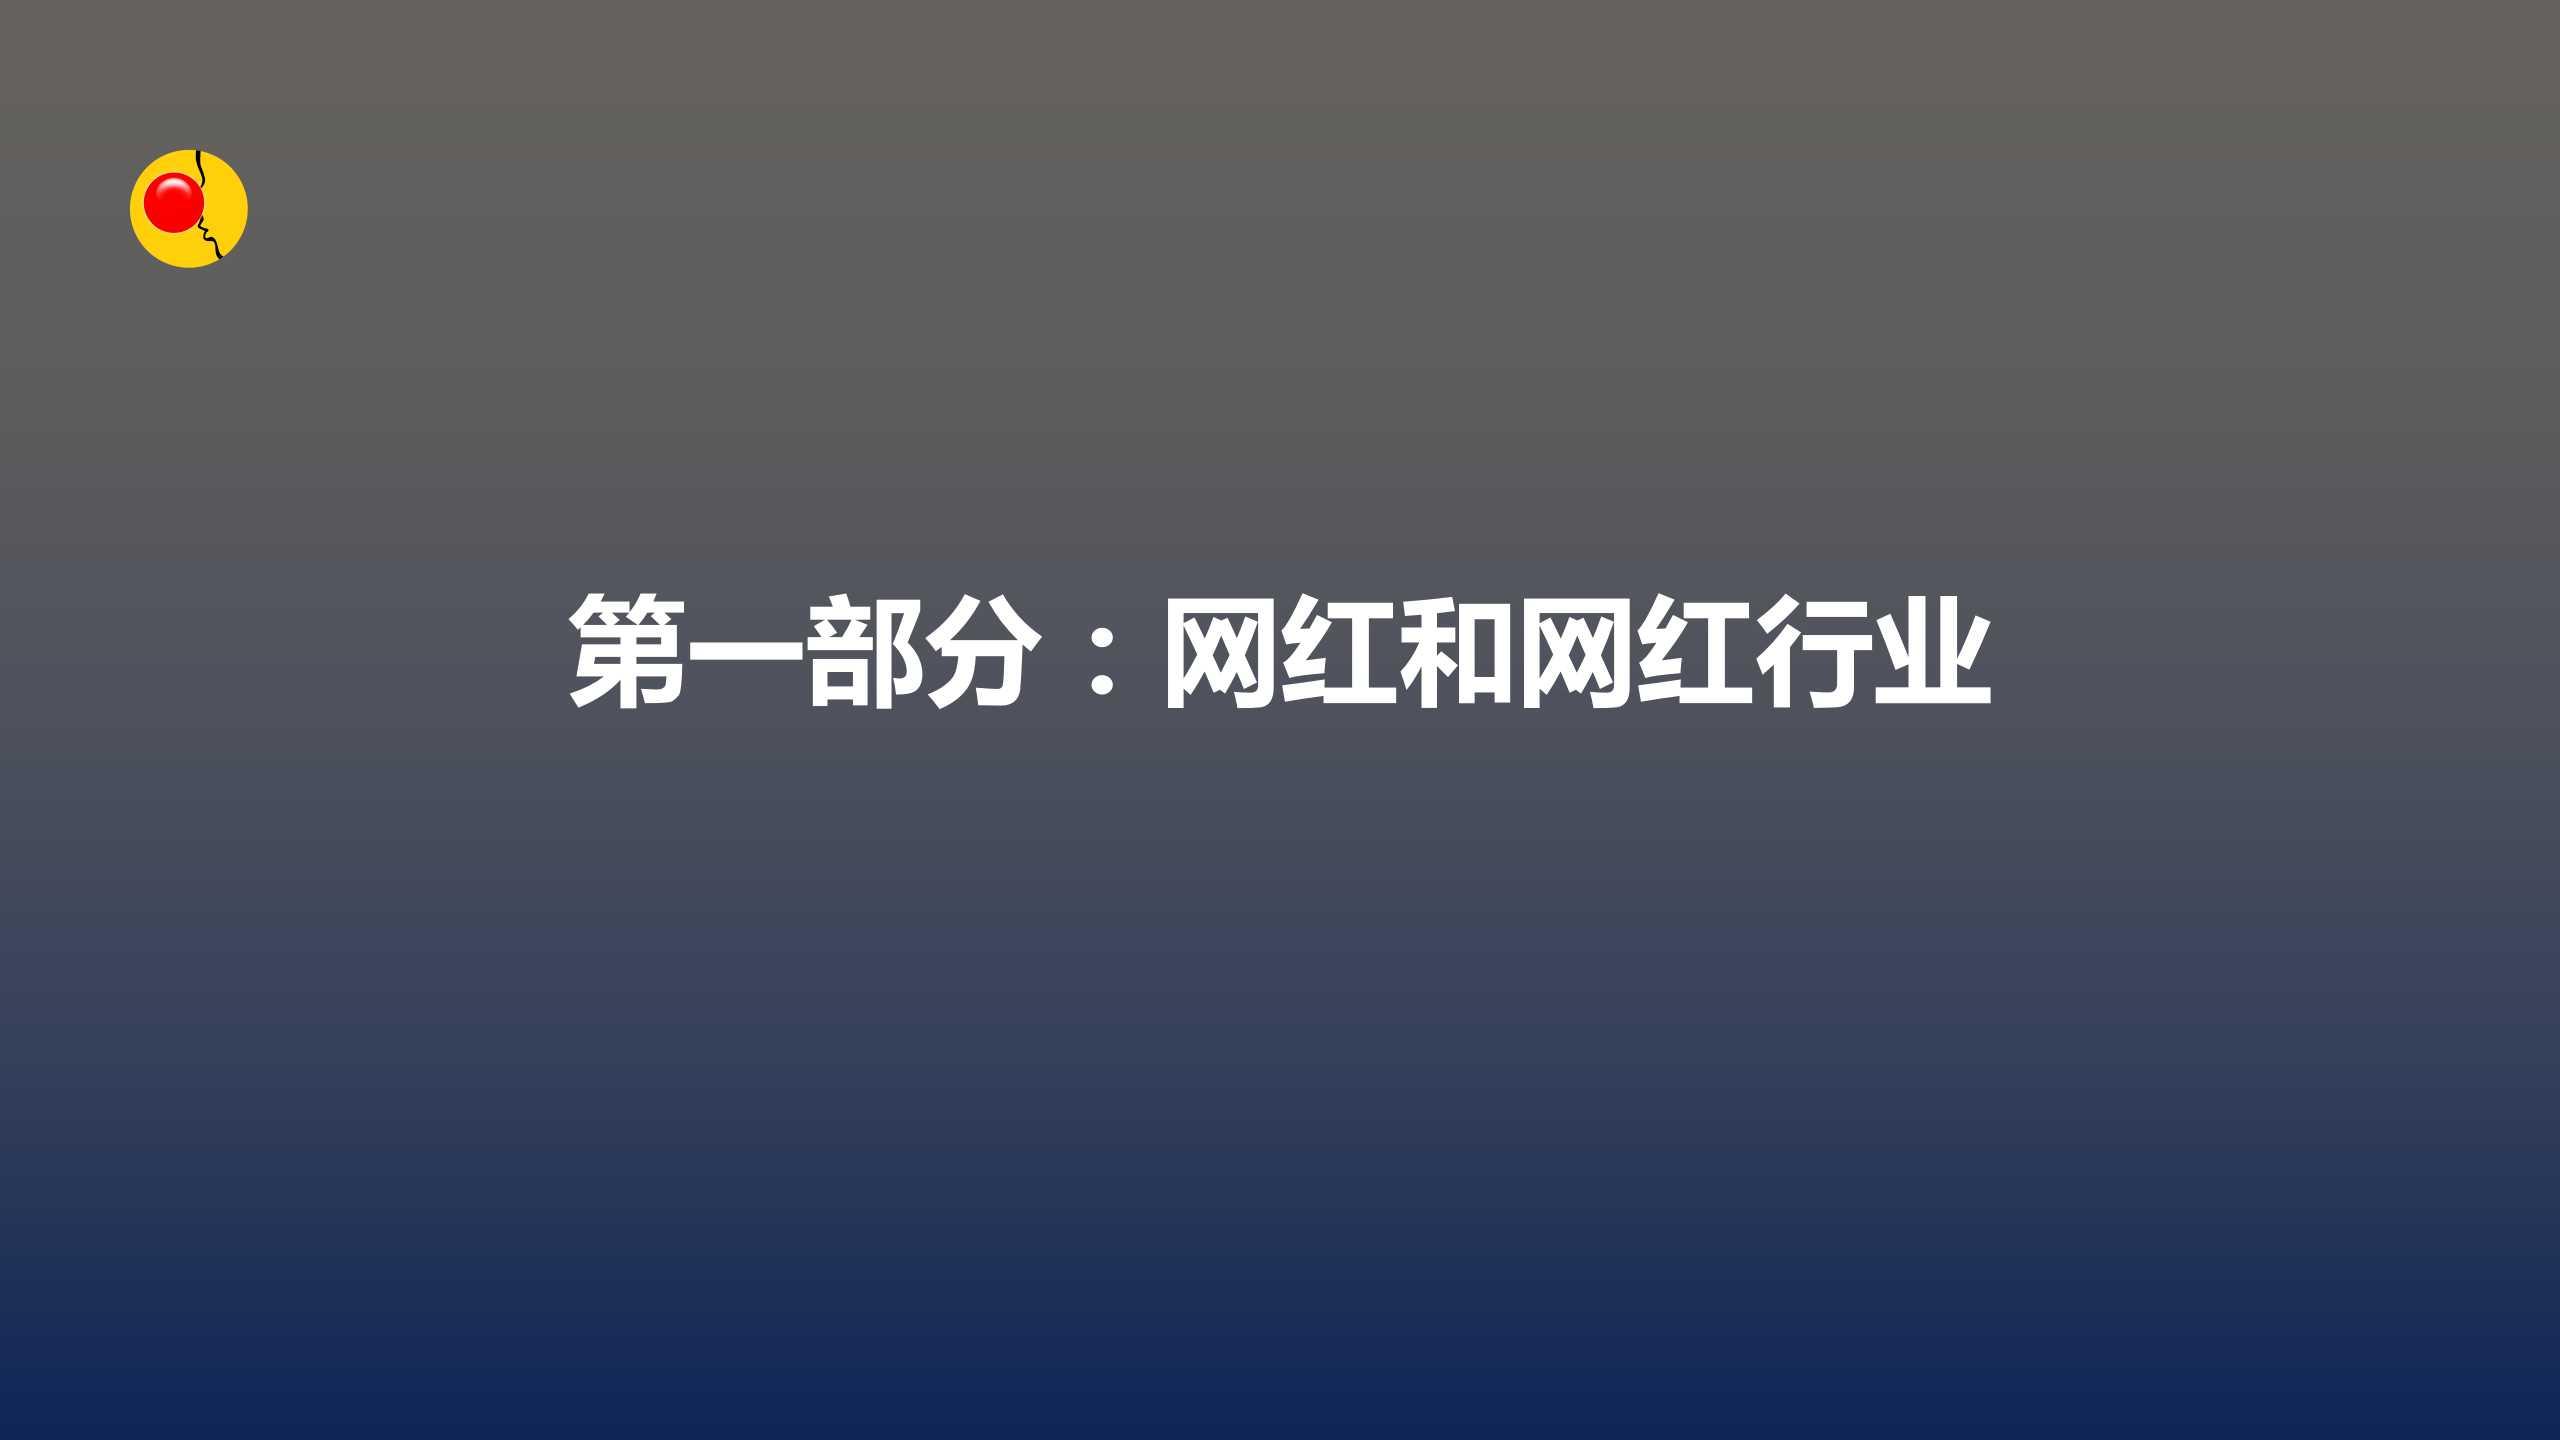 彩吧图库(tuku.55125.cn)图库频道提供最全的3d图谜、彩吧3D彩报、红五3d图库、3d布衣图库、3d三毛图库等内容,是彩民和投注站查阅和下载的最佳选择3的鬼六图库3d图字谜_3的鬼六图库3d图字谜【官网唯一指定网站】3的鬼六图库3d图字谜_www.122288.com_【郊游内部论坛】